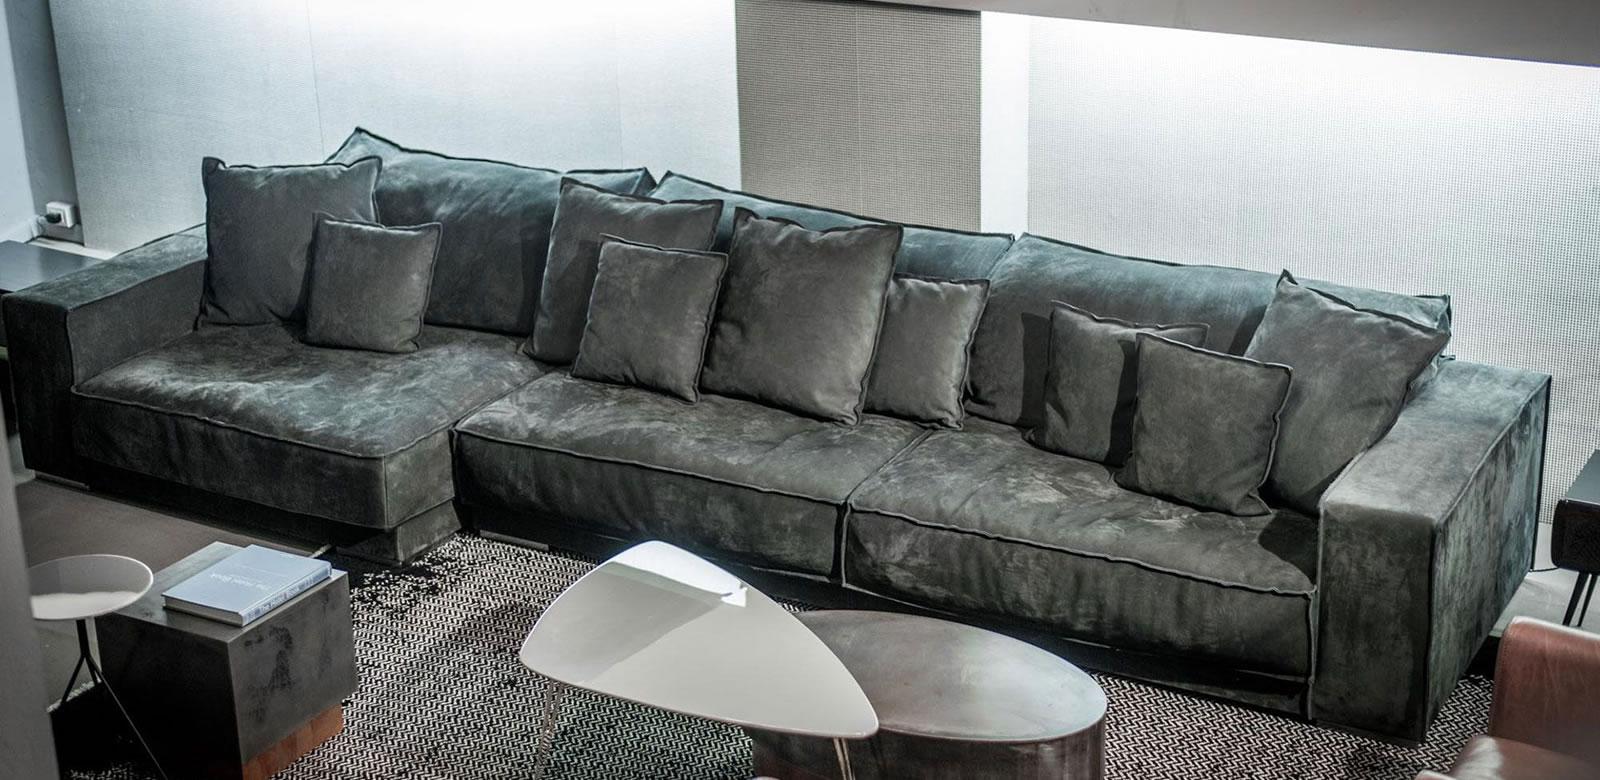 Budapest soft baxter sofa budapest soft baxter for Baxter budapest